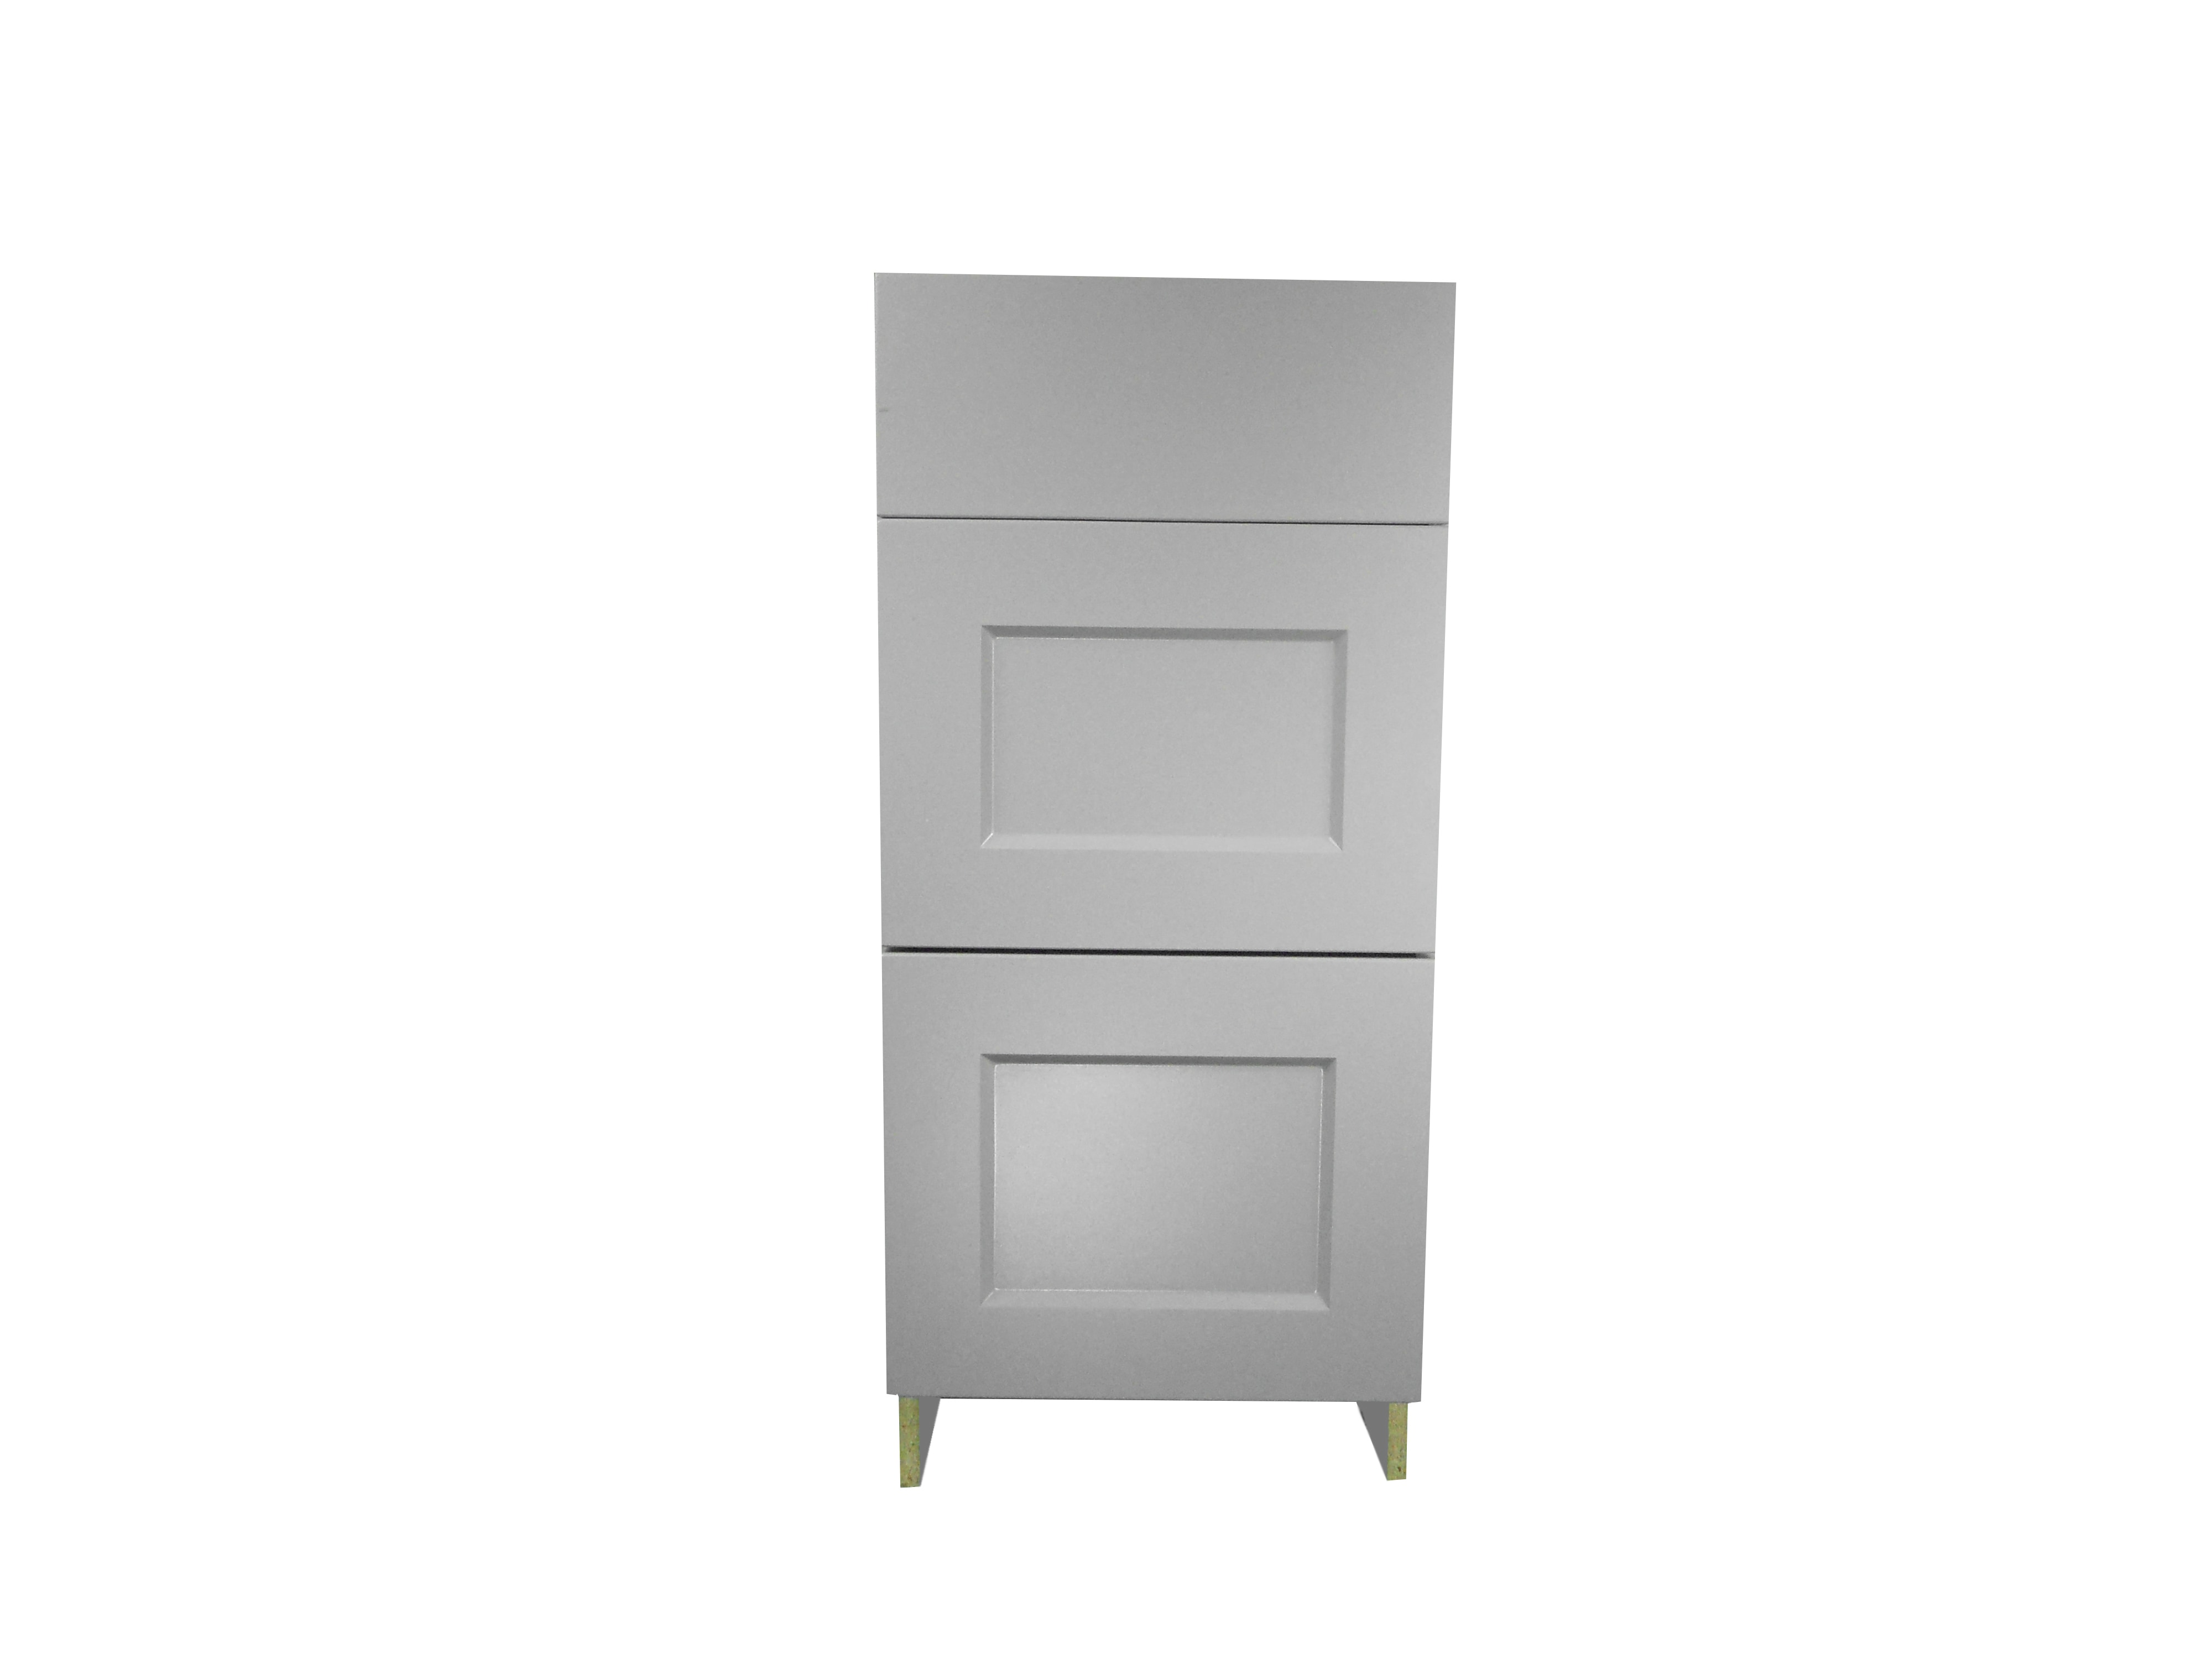 Base Cabinet 3 Drawer Bank / Whistler Grey / Flat Panel Grey / 15 Whistler Grey 0